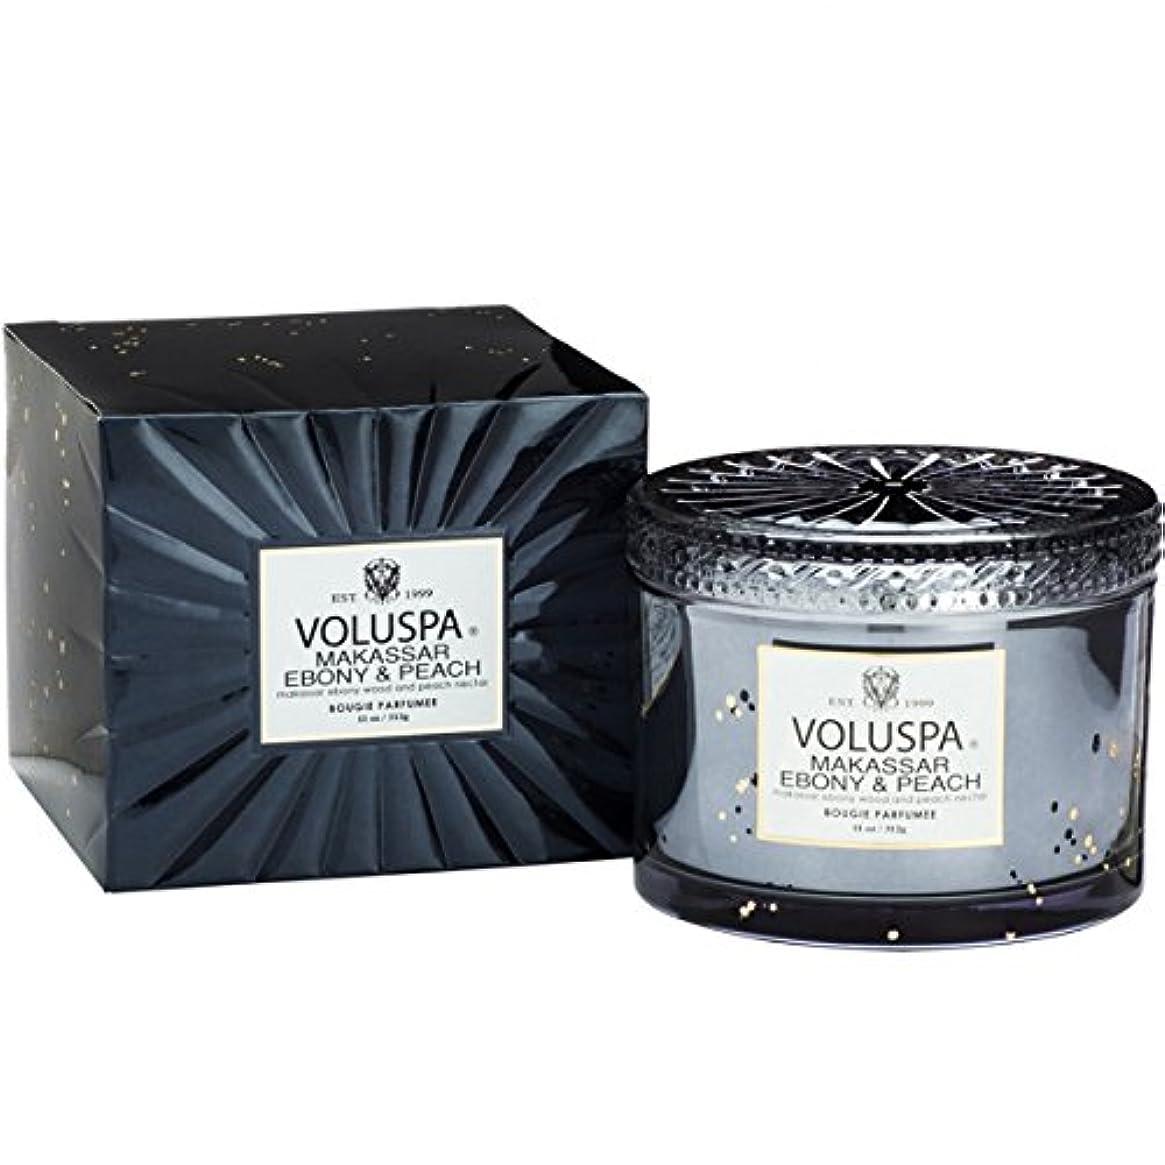 複雑プレフィックスにおいVoluspa ボルスパ ヴァーメイル ボックス入り グラスキャンドル マカッサルエホ?ニー&ヒ?ーチ MAKASSAR EBONY&PEACH VERMEIL BOX Glass Candle